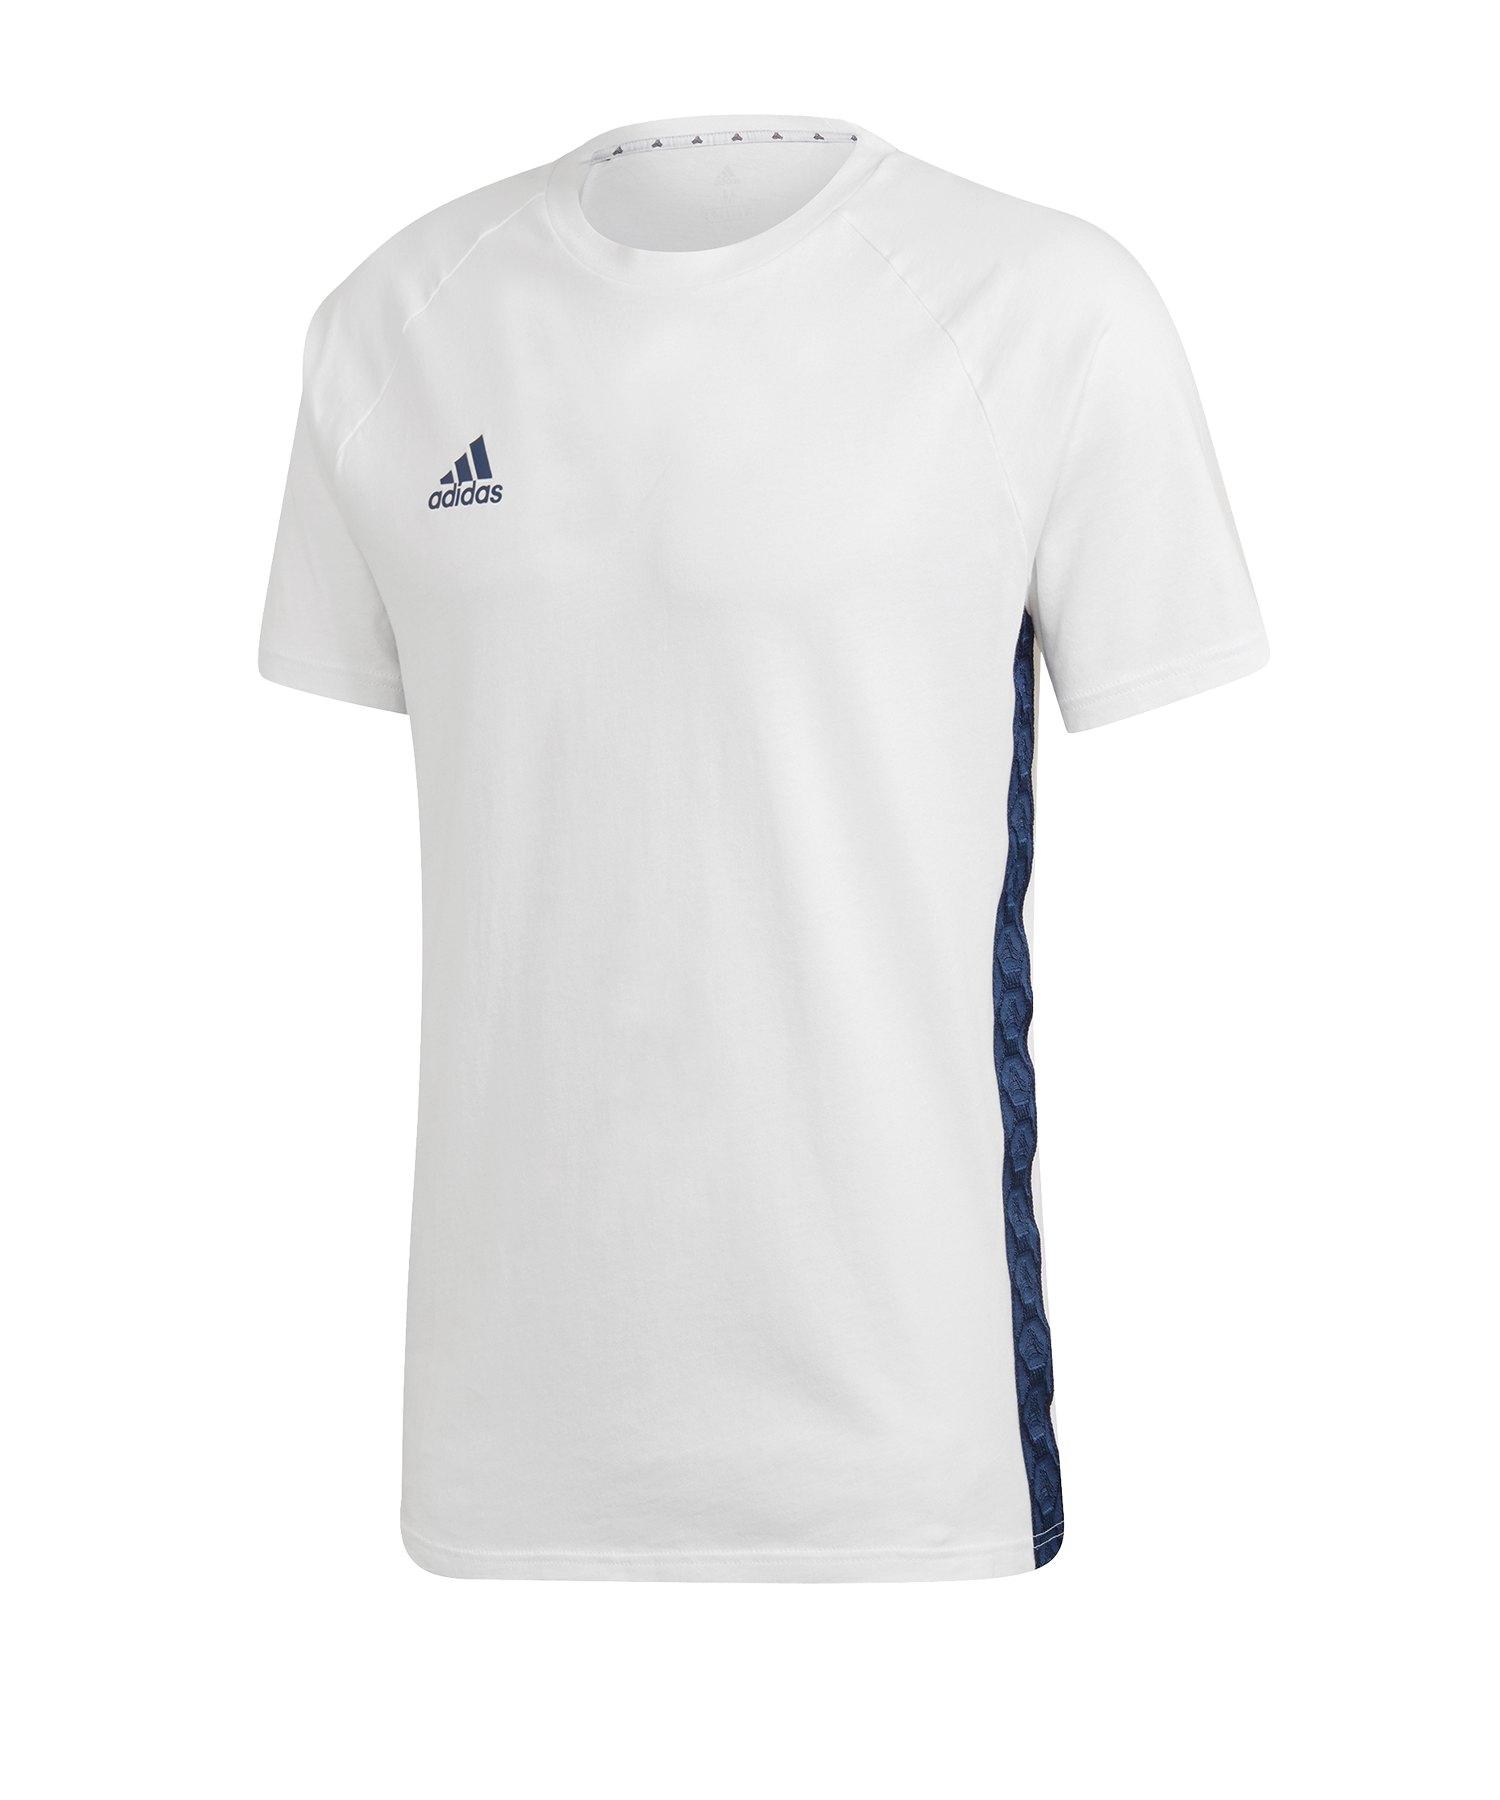 adidas Tango Tape T-Shirt Weiss - weiss